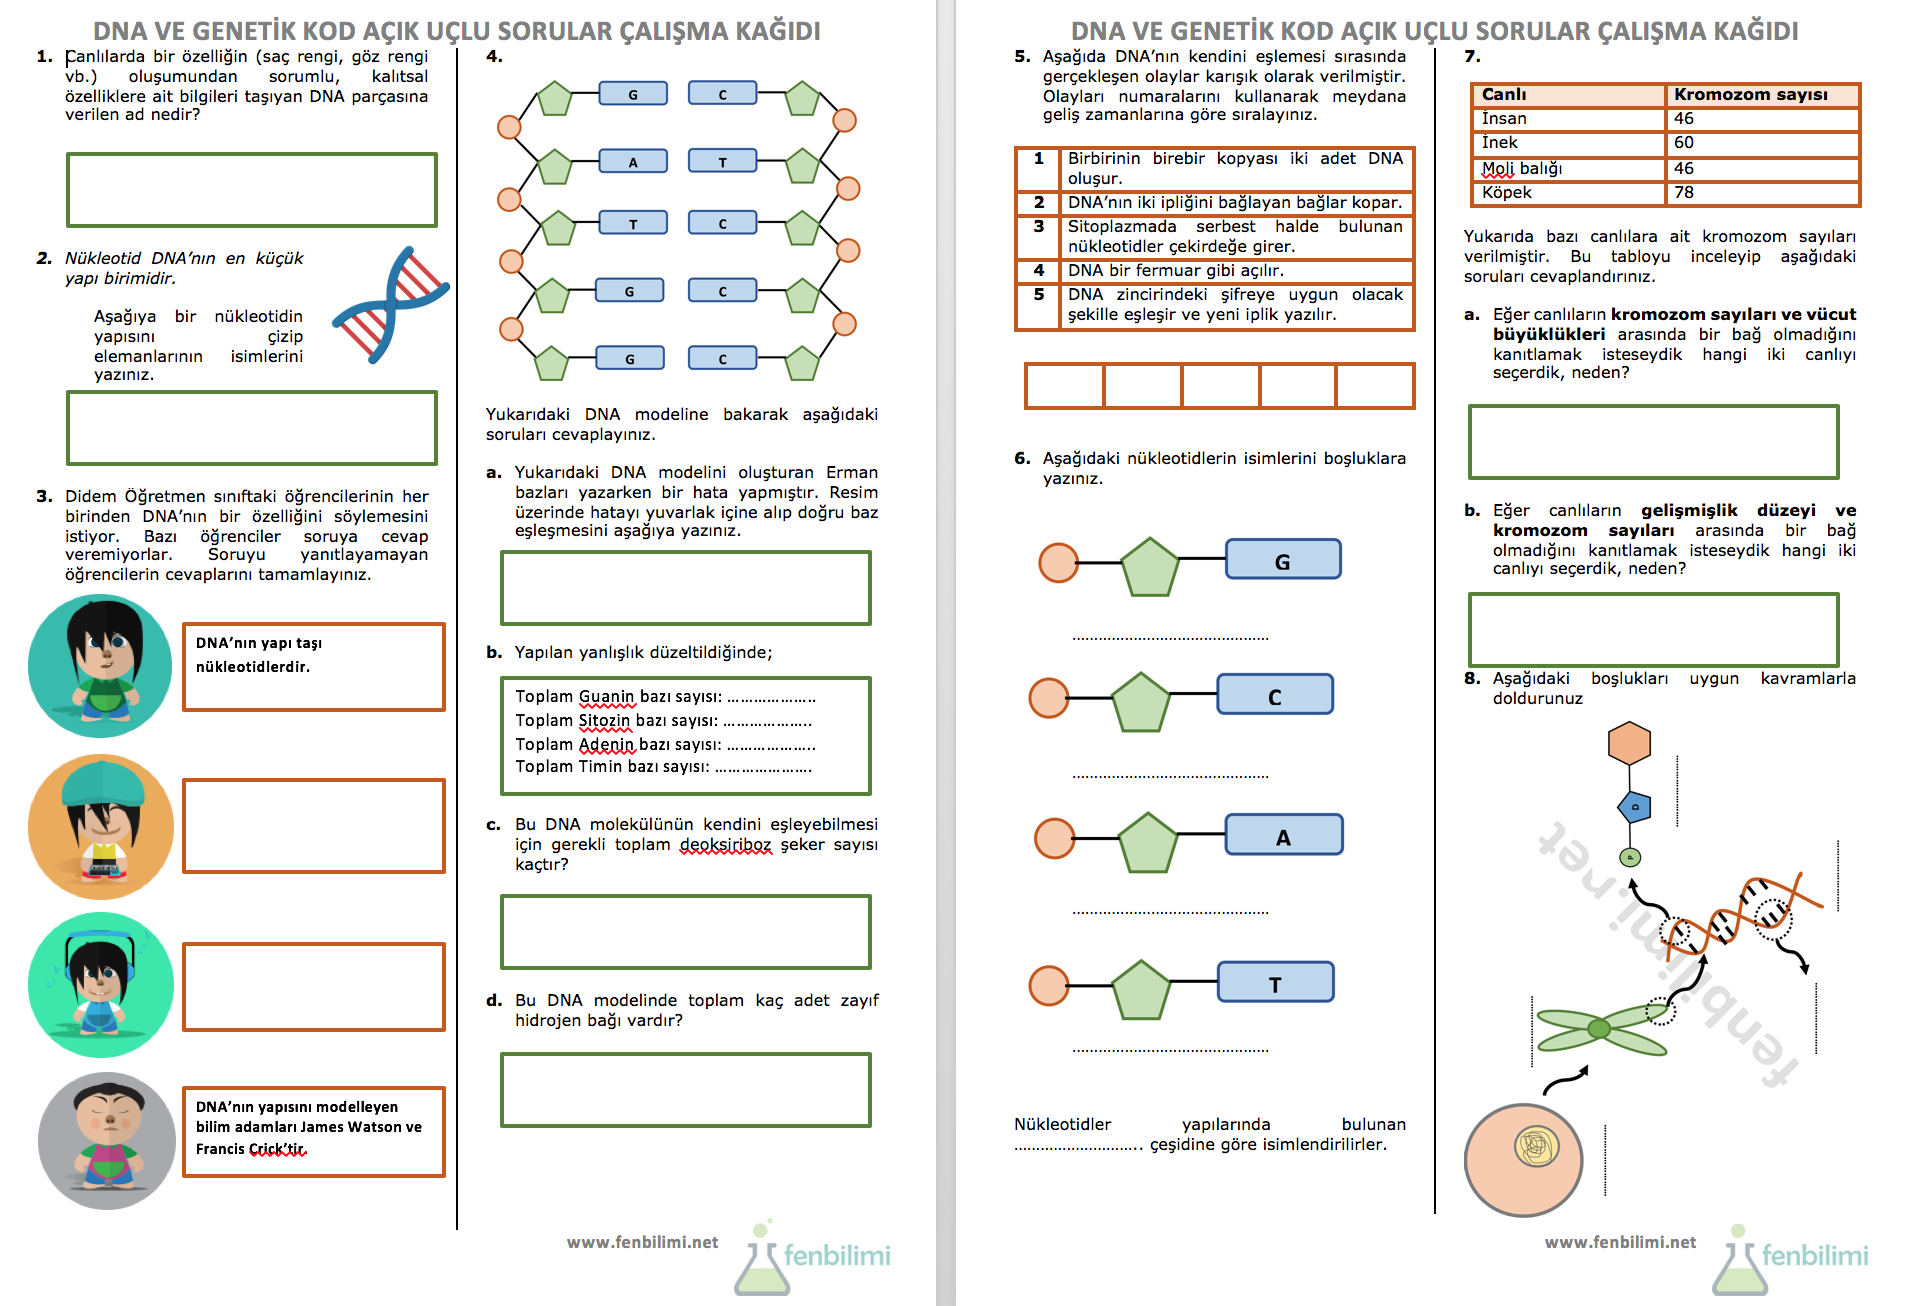 Dna ve Genetik Kod Açık Uçlu Sorular